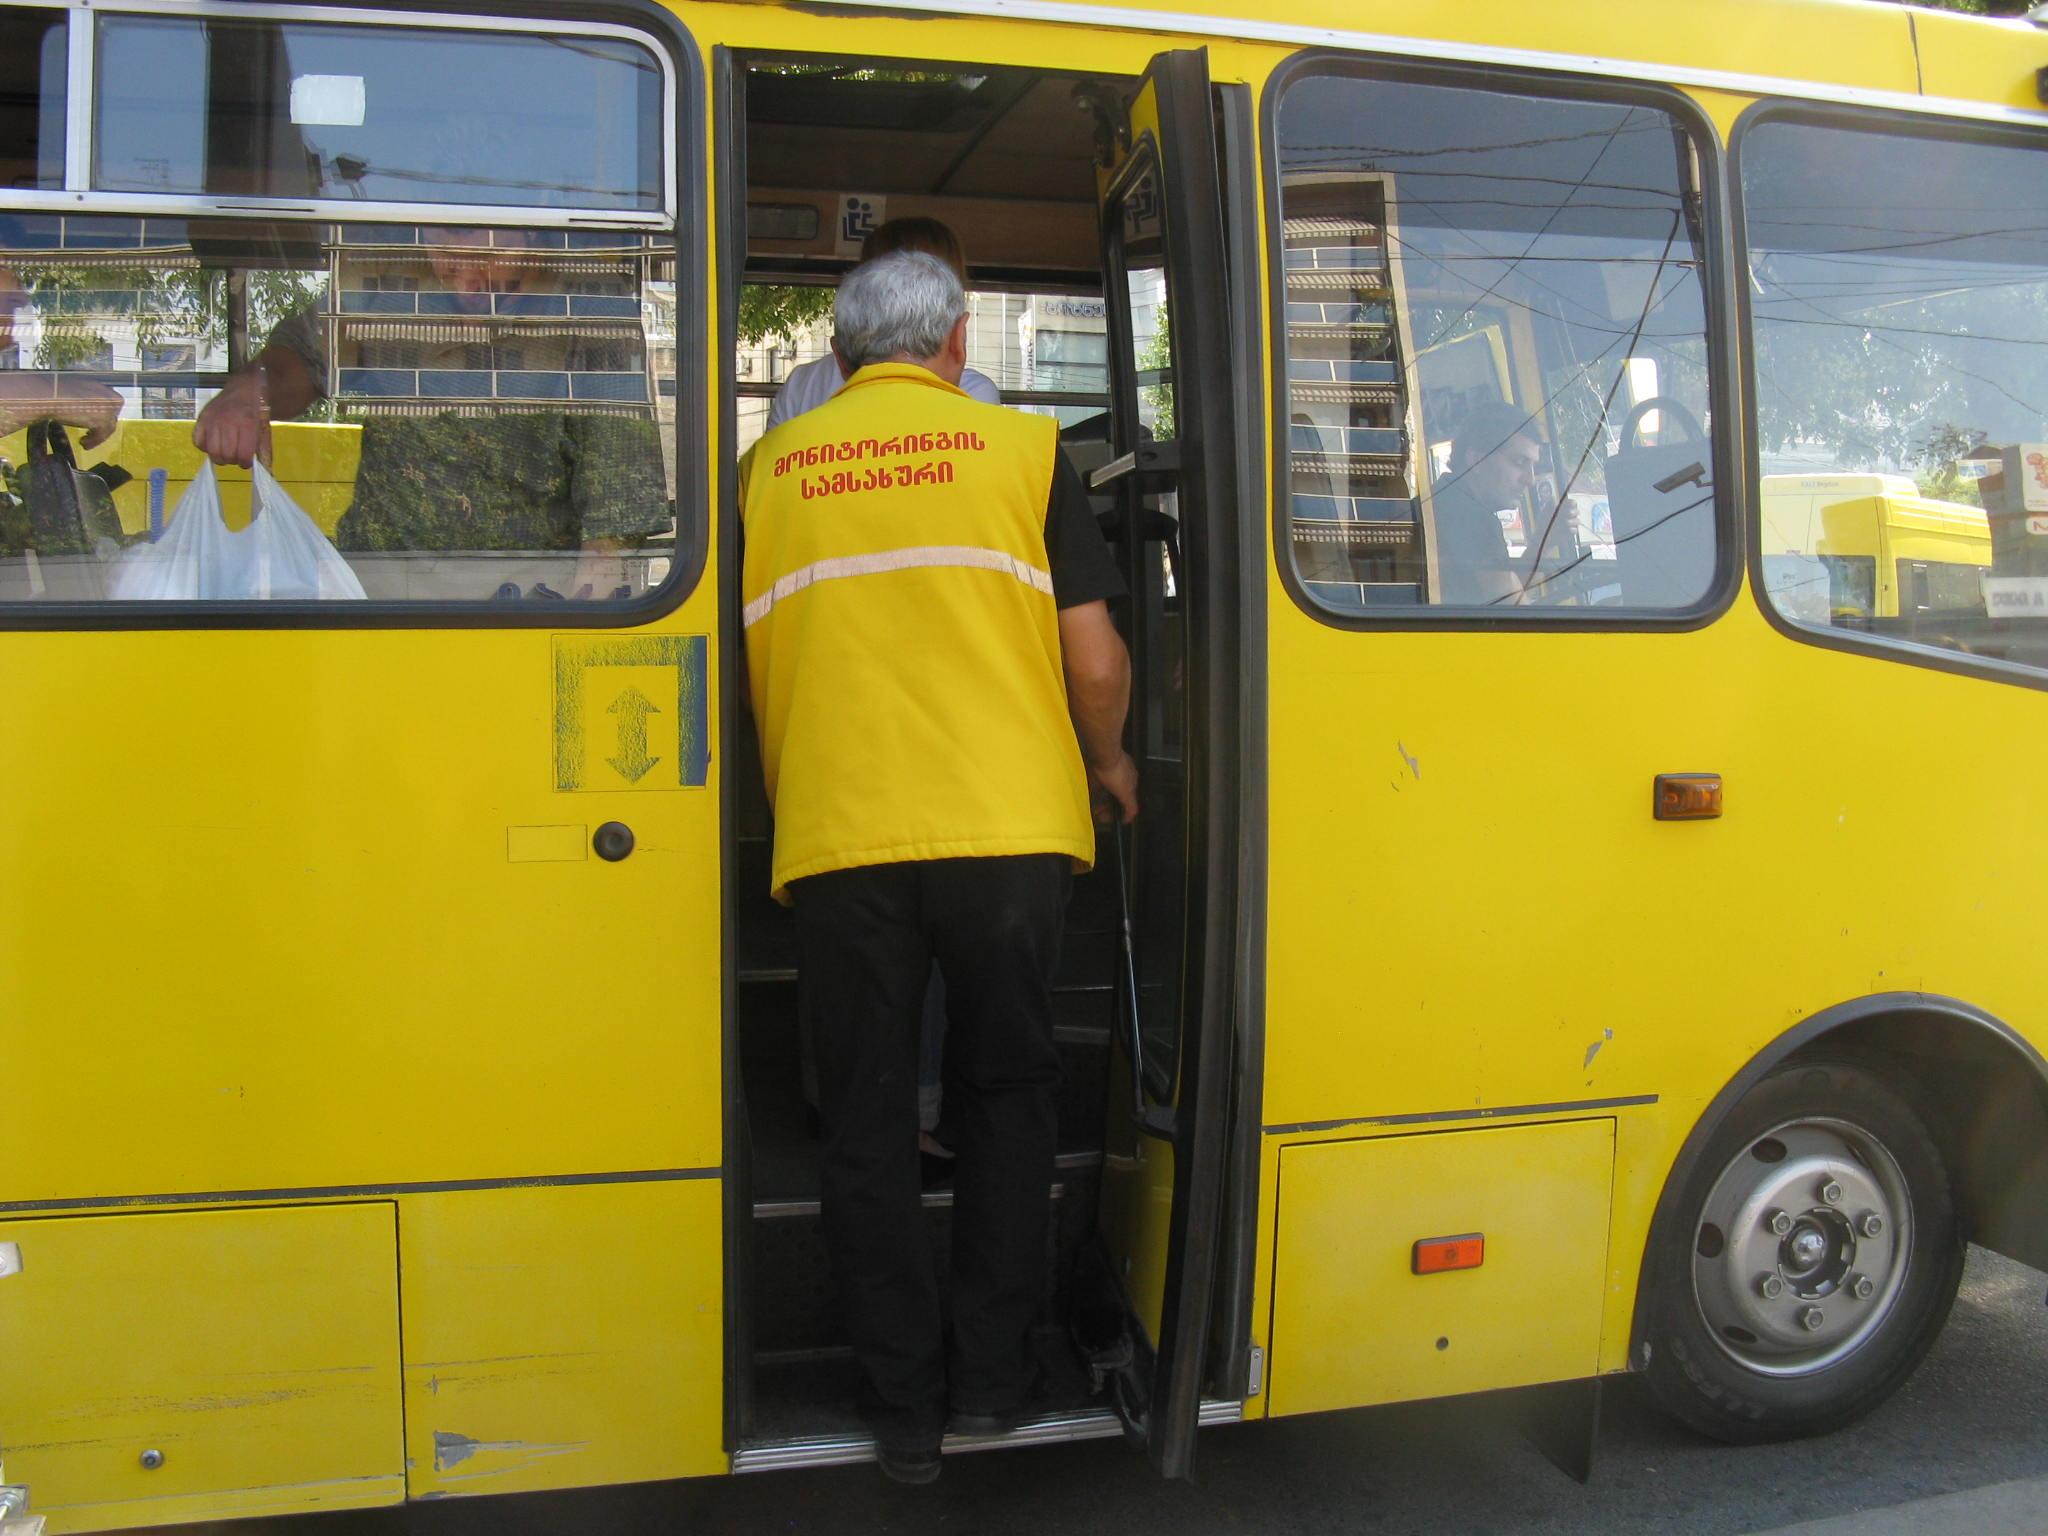 """2019 წლის ბოლოსთვის ყვითელი """"ბოგდანის"""" ავტობუსი თბილისში აღარ იმოძრავებს – მერია"""